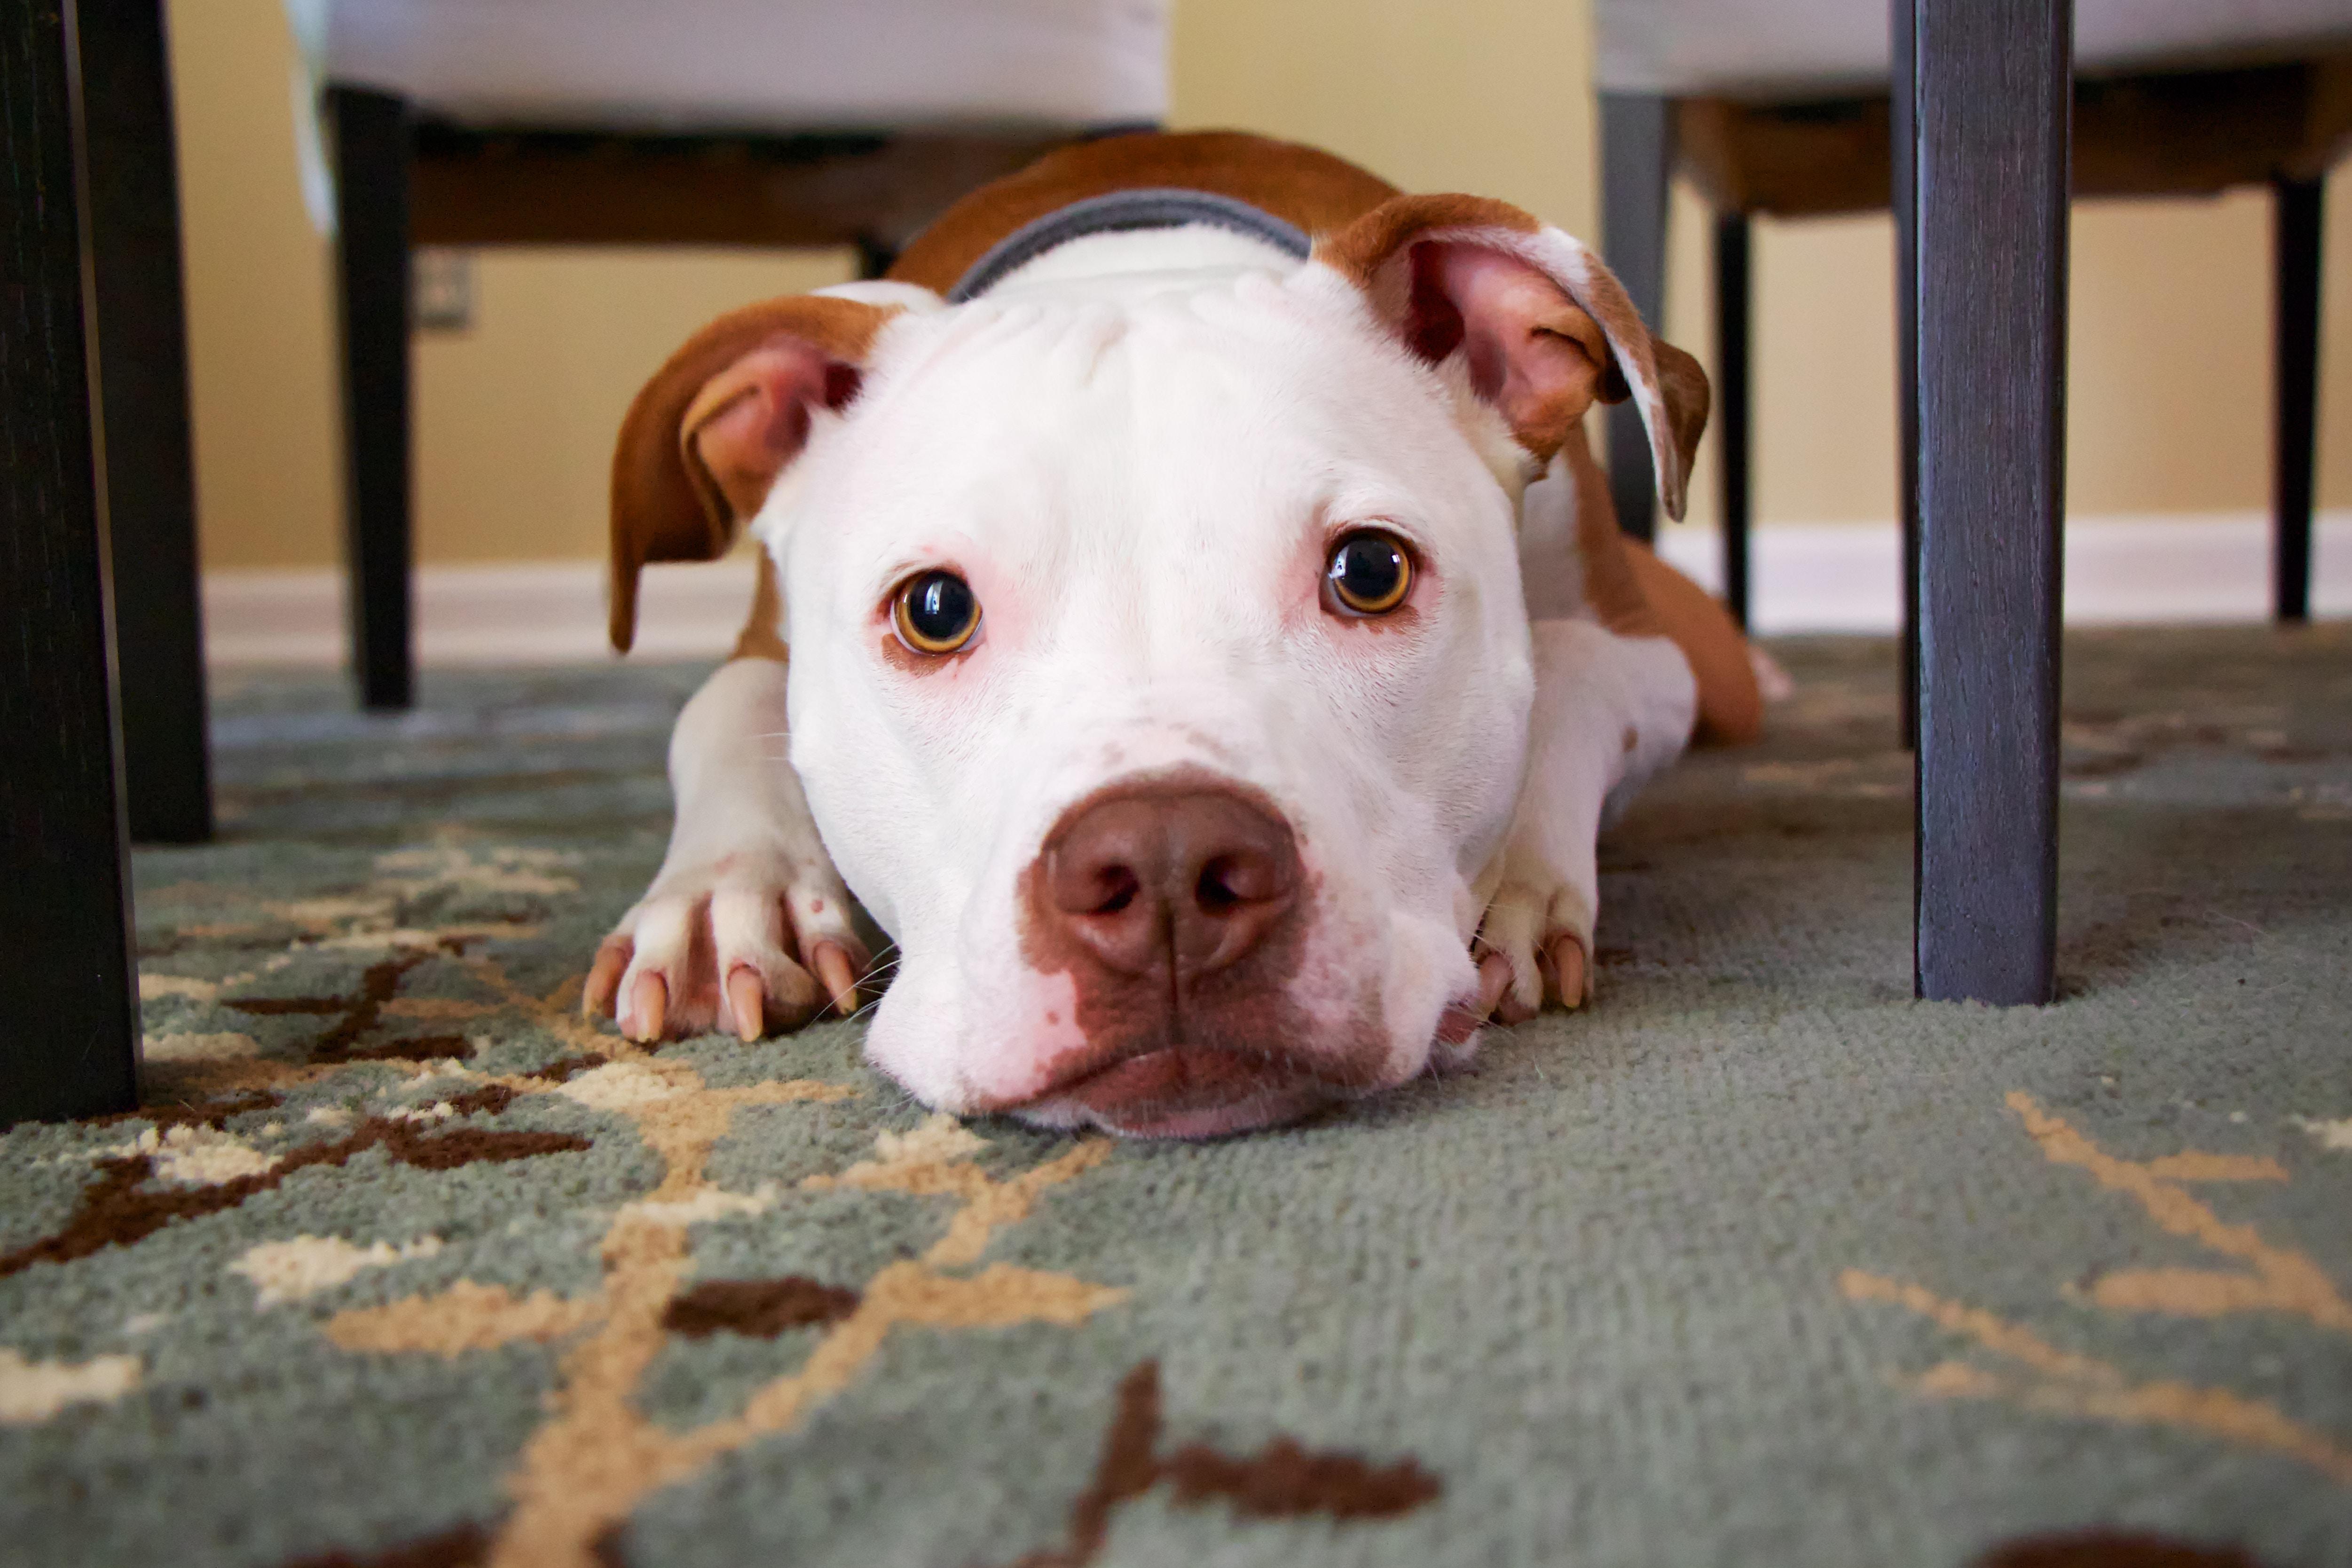 Je psa res treba (pre)utruditi, da bo poslušen?